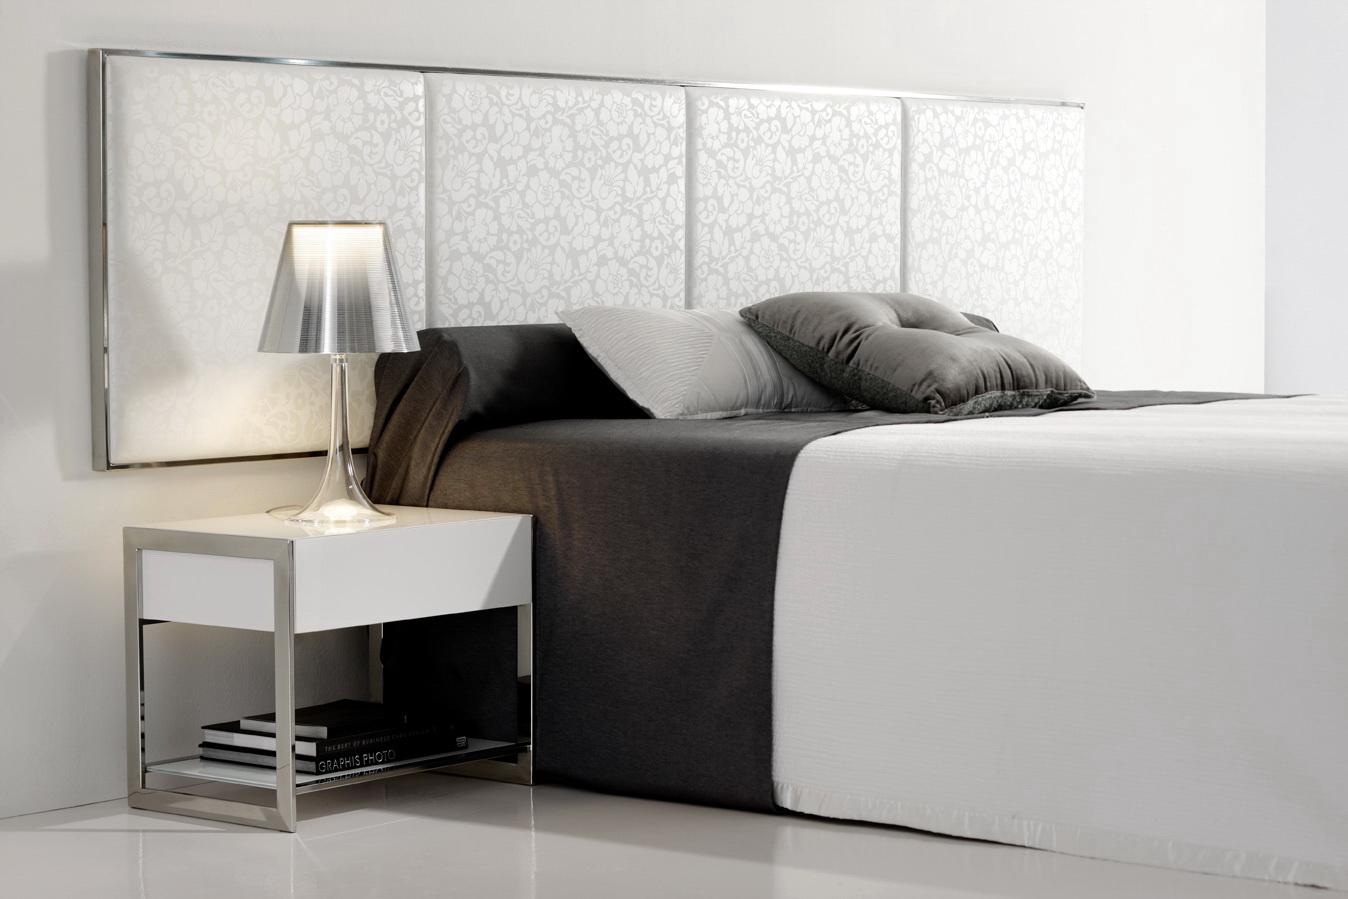 Dormitorio ACERO Modelo 7000det by Altinox